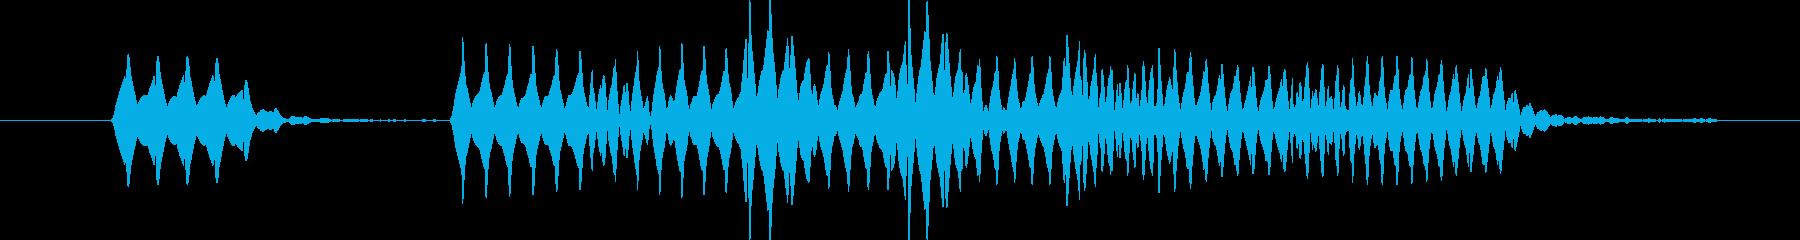 パラララッ。 アップ音。の再生済みの波形